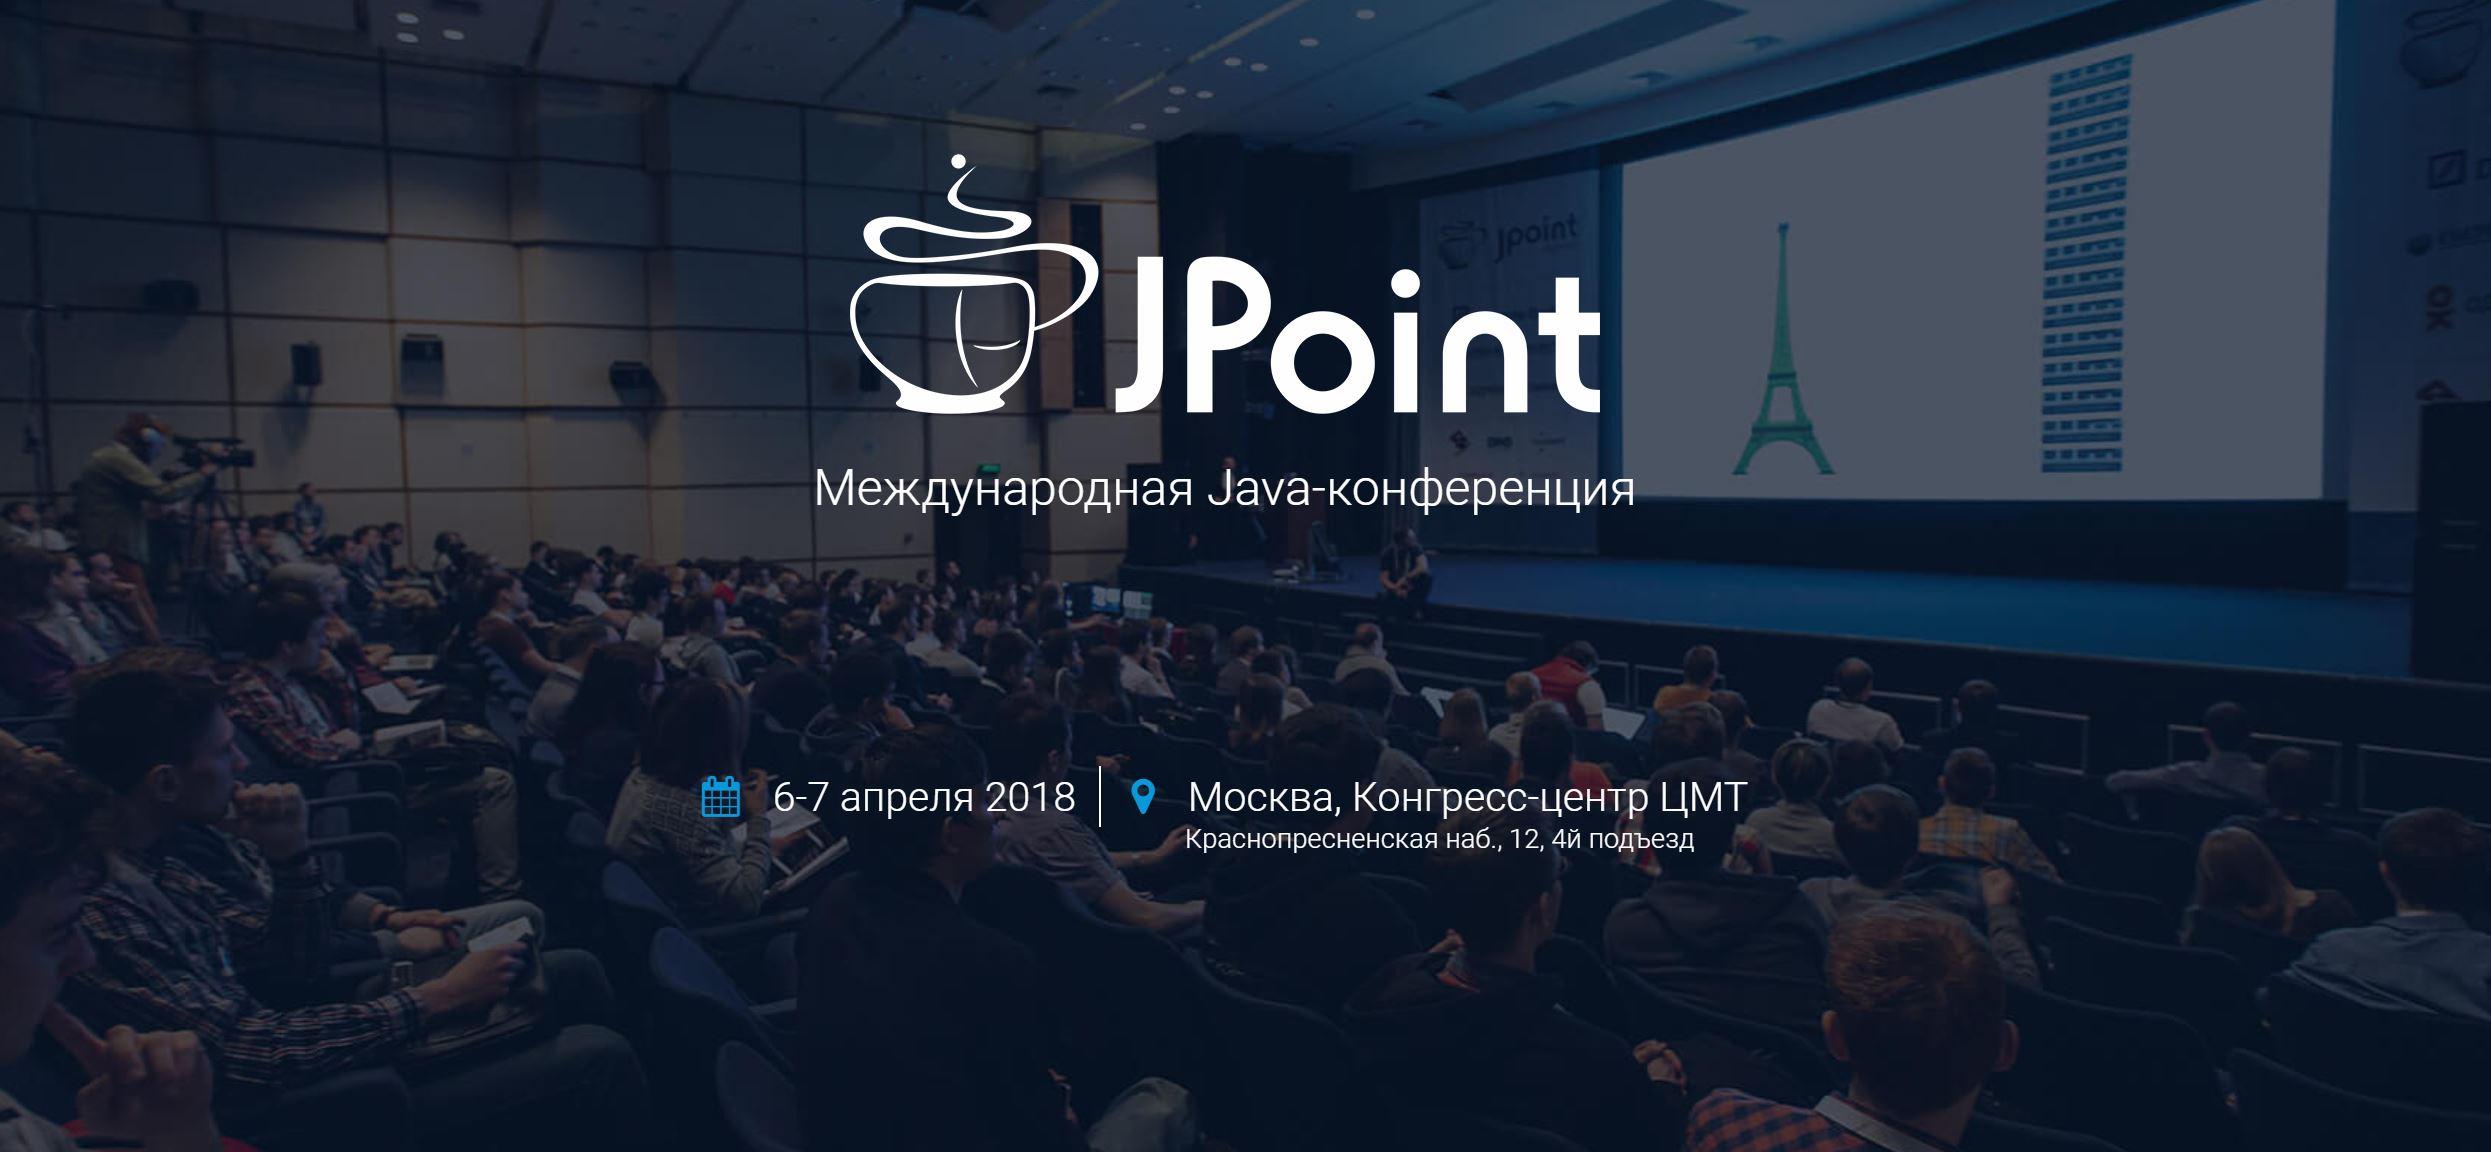 Крупнейшие мероприятия 2018 года: разработка